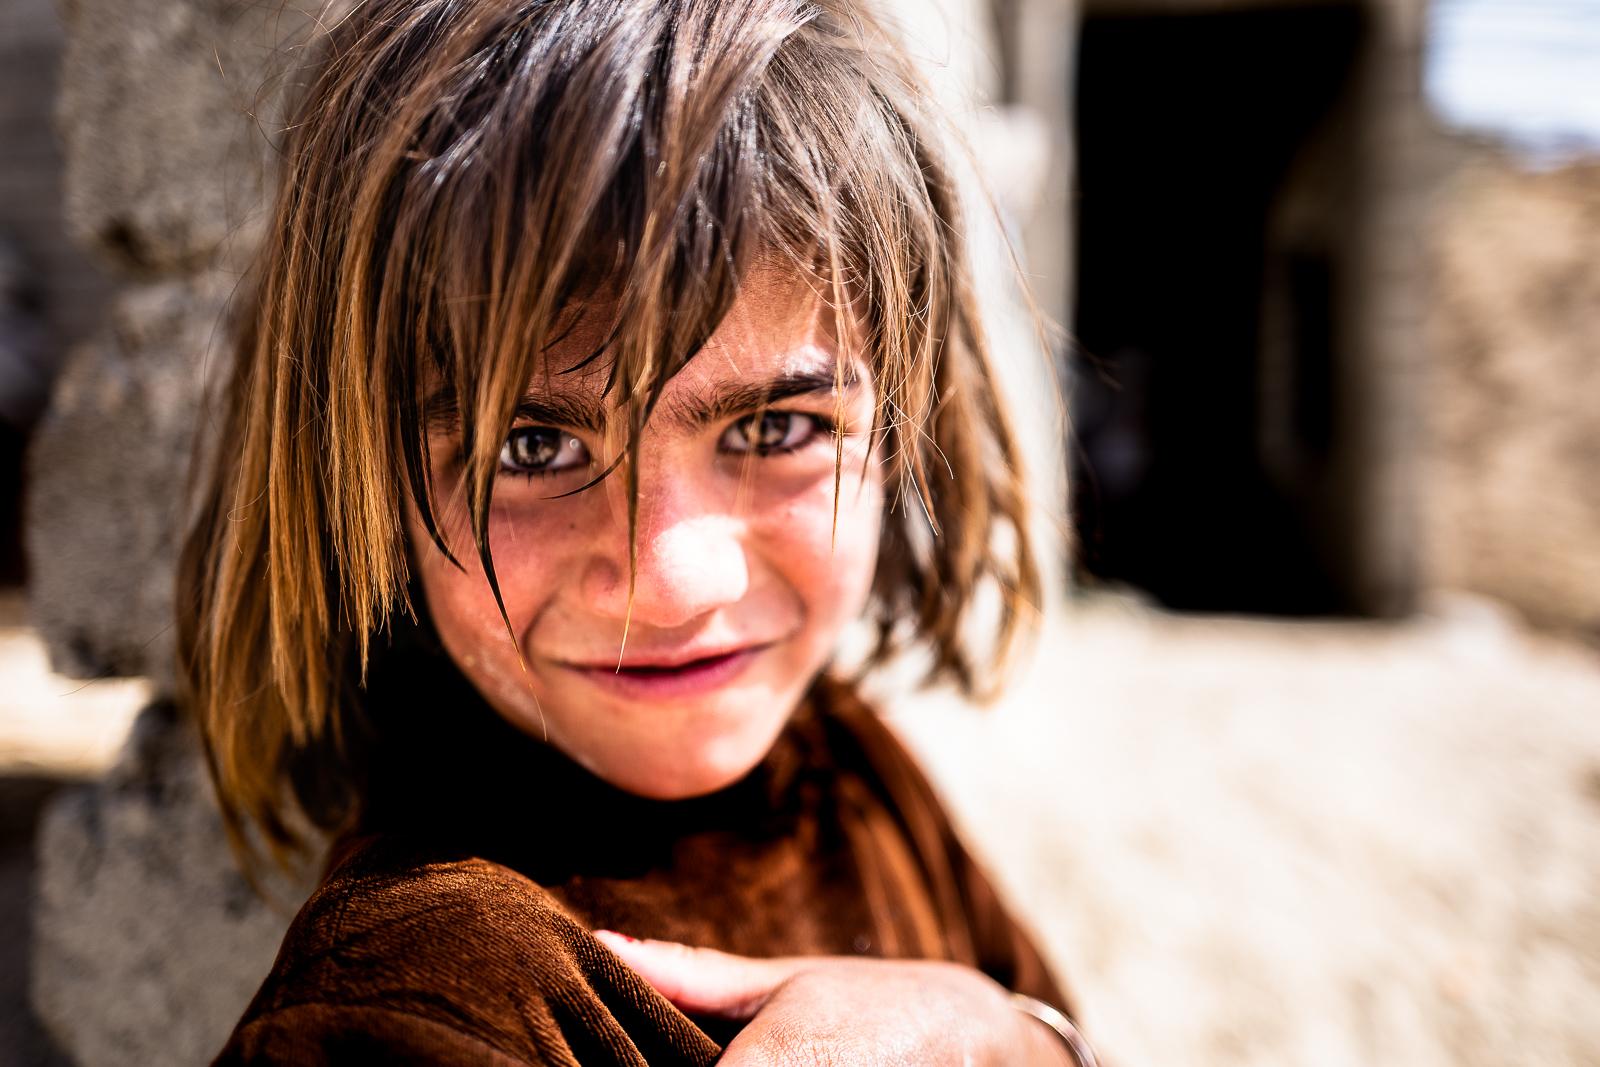 A little girl in Mount Sinjar